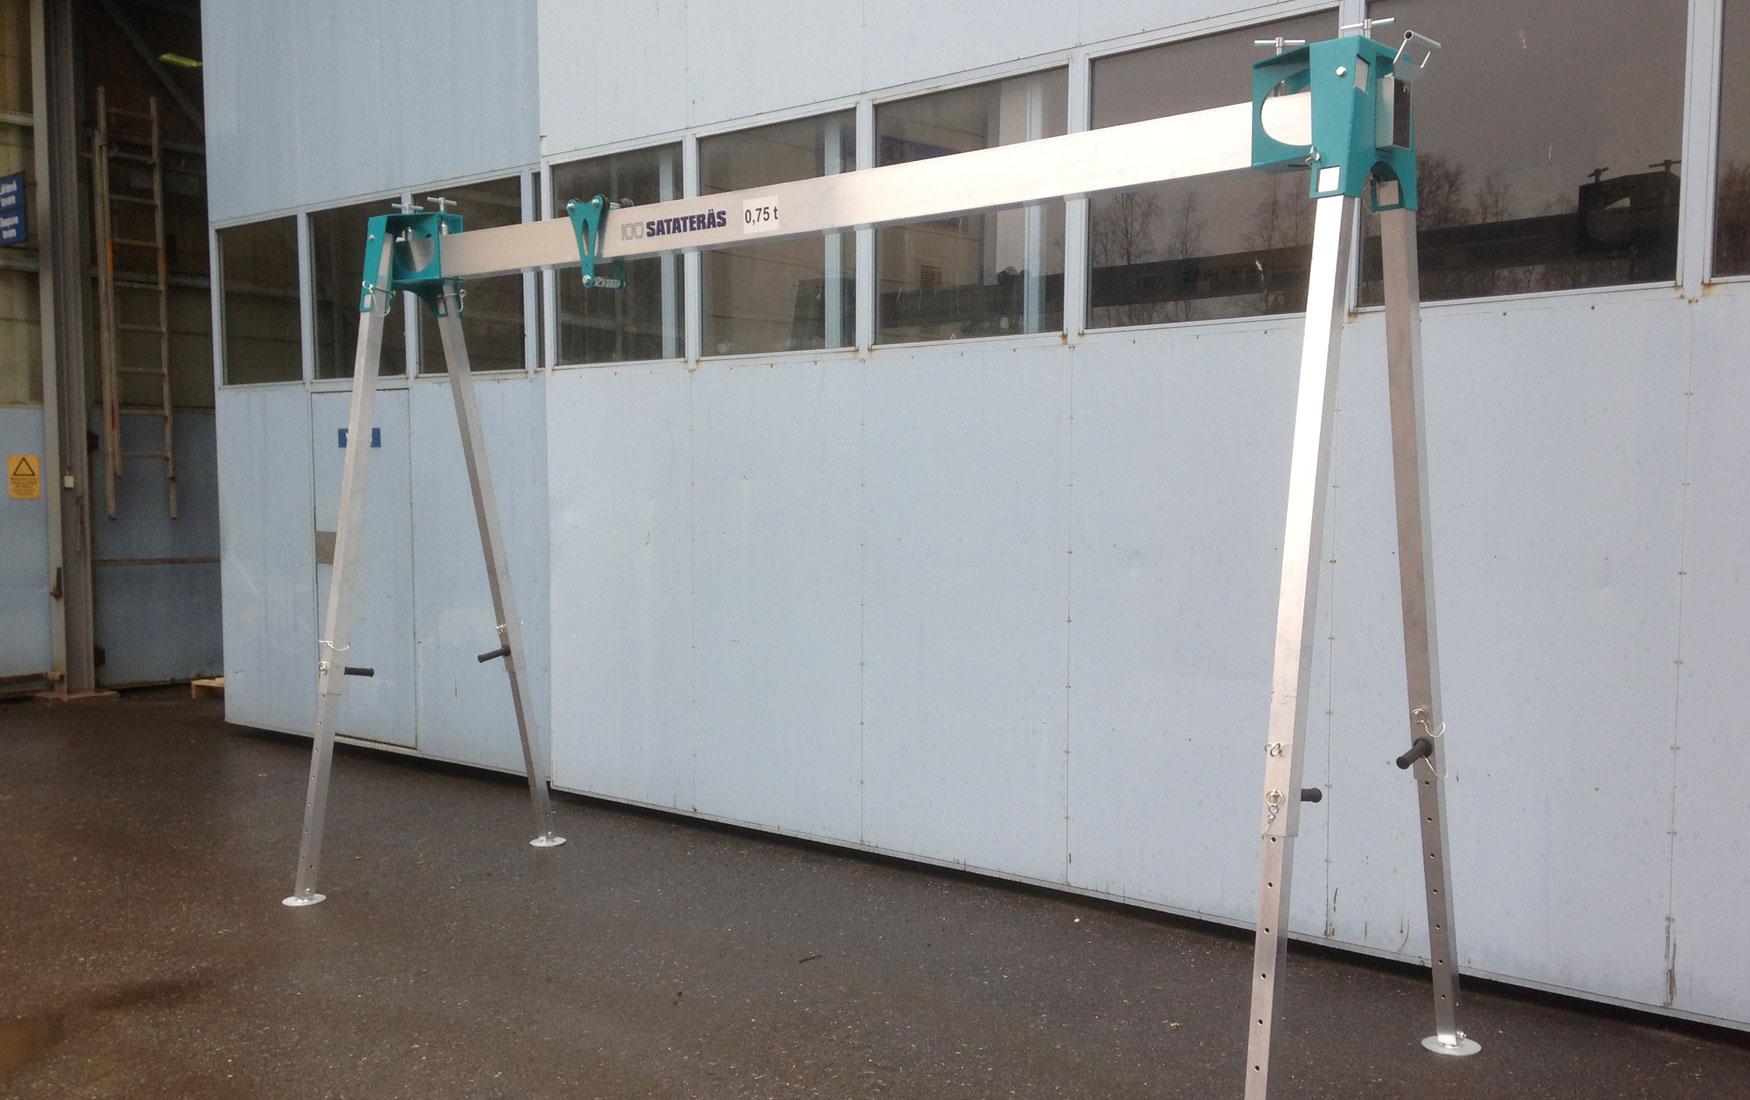 teollisuus-metalliteollisuus-teollisuuden-pukkinostin-pukkinostimet-satateras_4